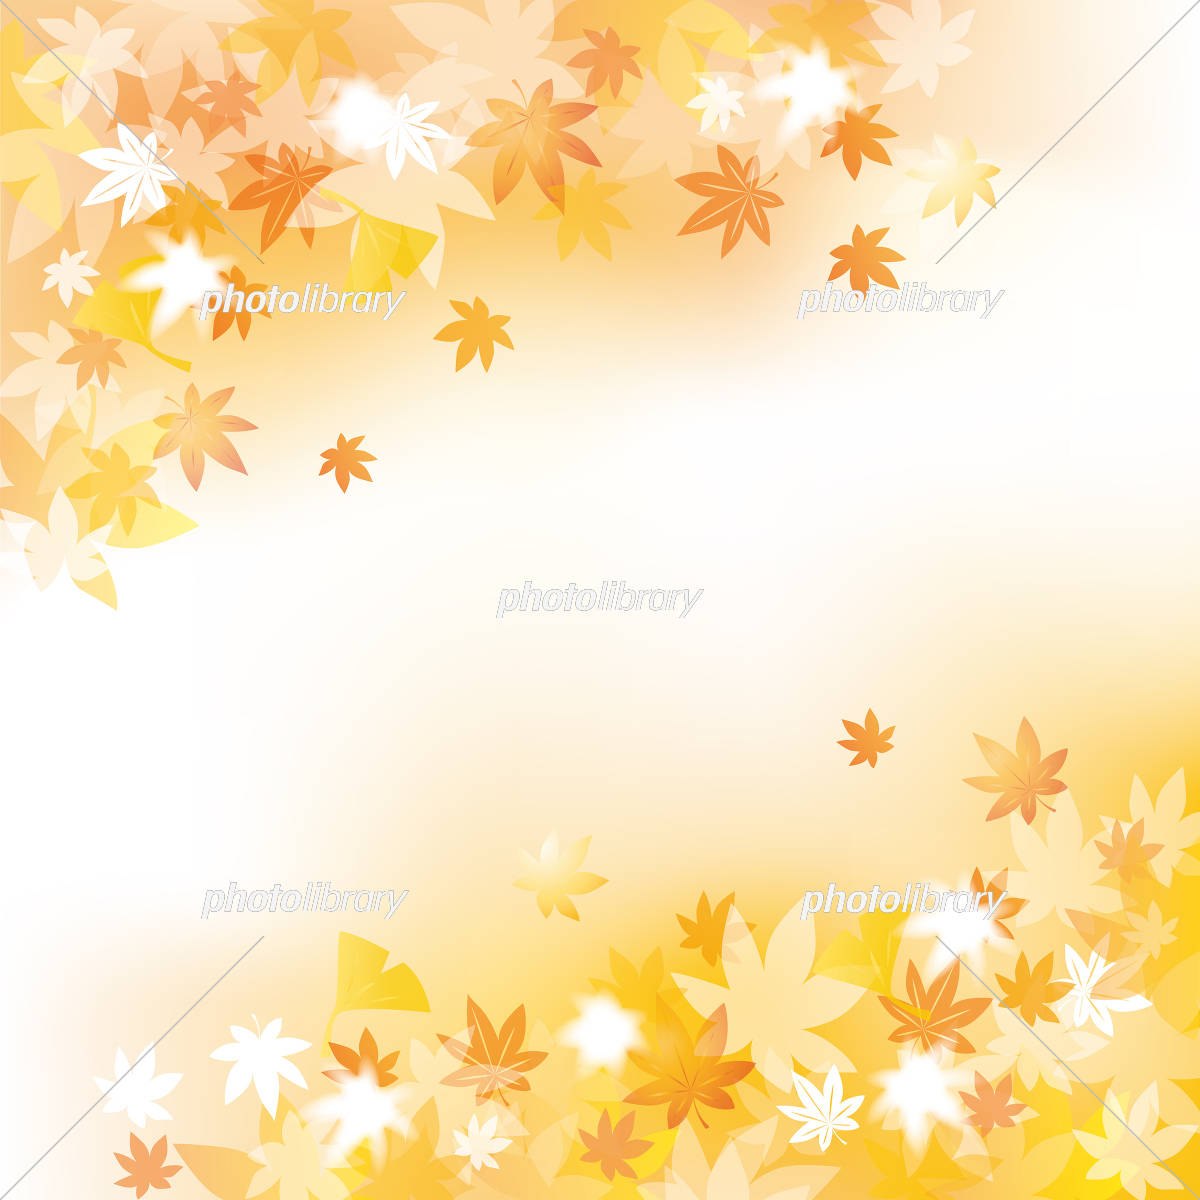 落ち葉 紅葉 和風 イラスト 可爱い 背景 Wwwthetupiancom